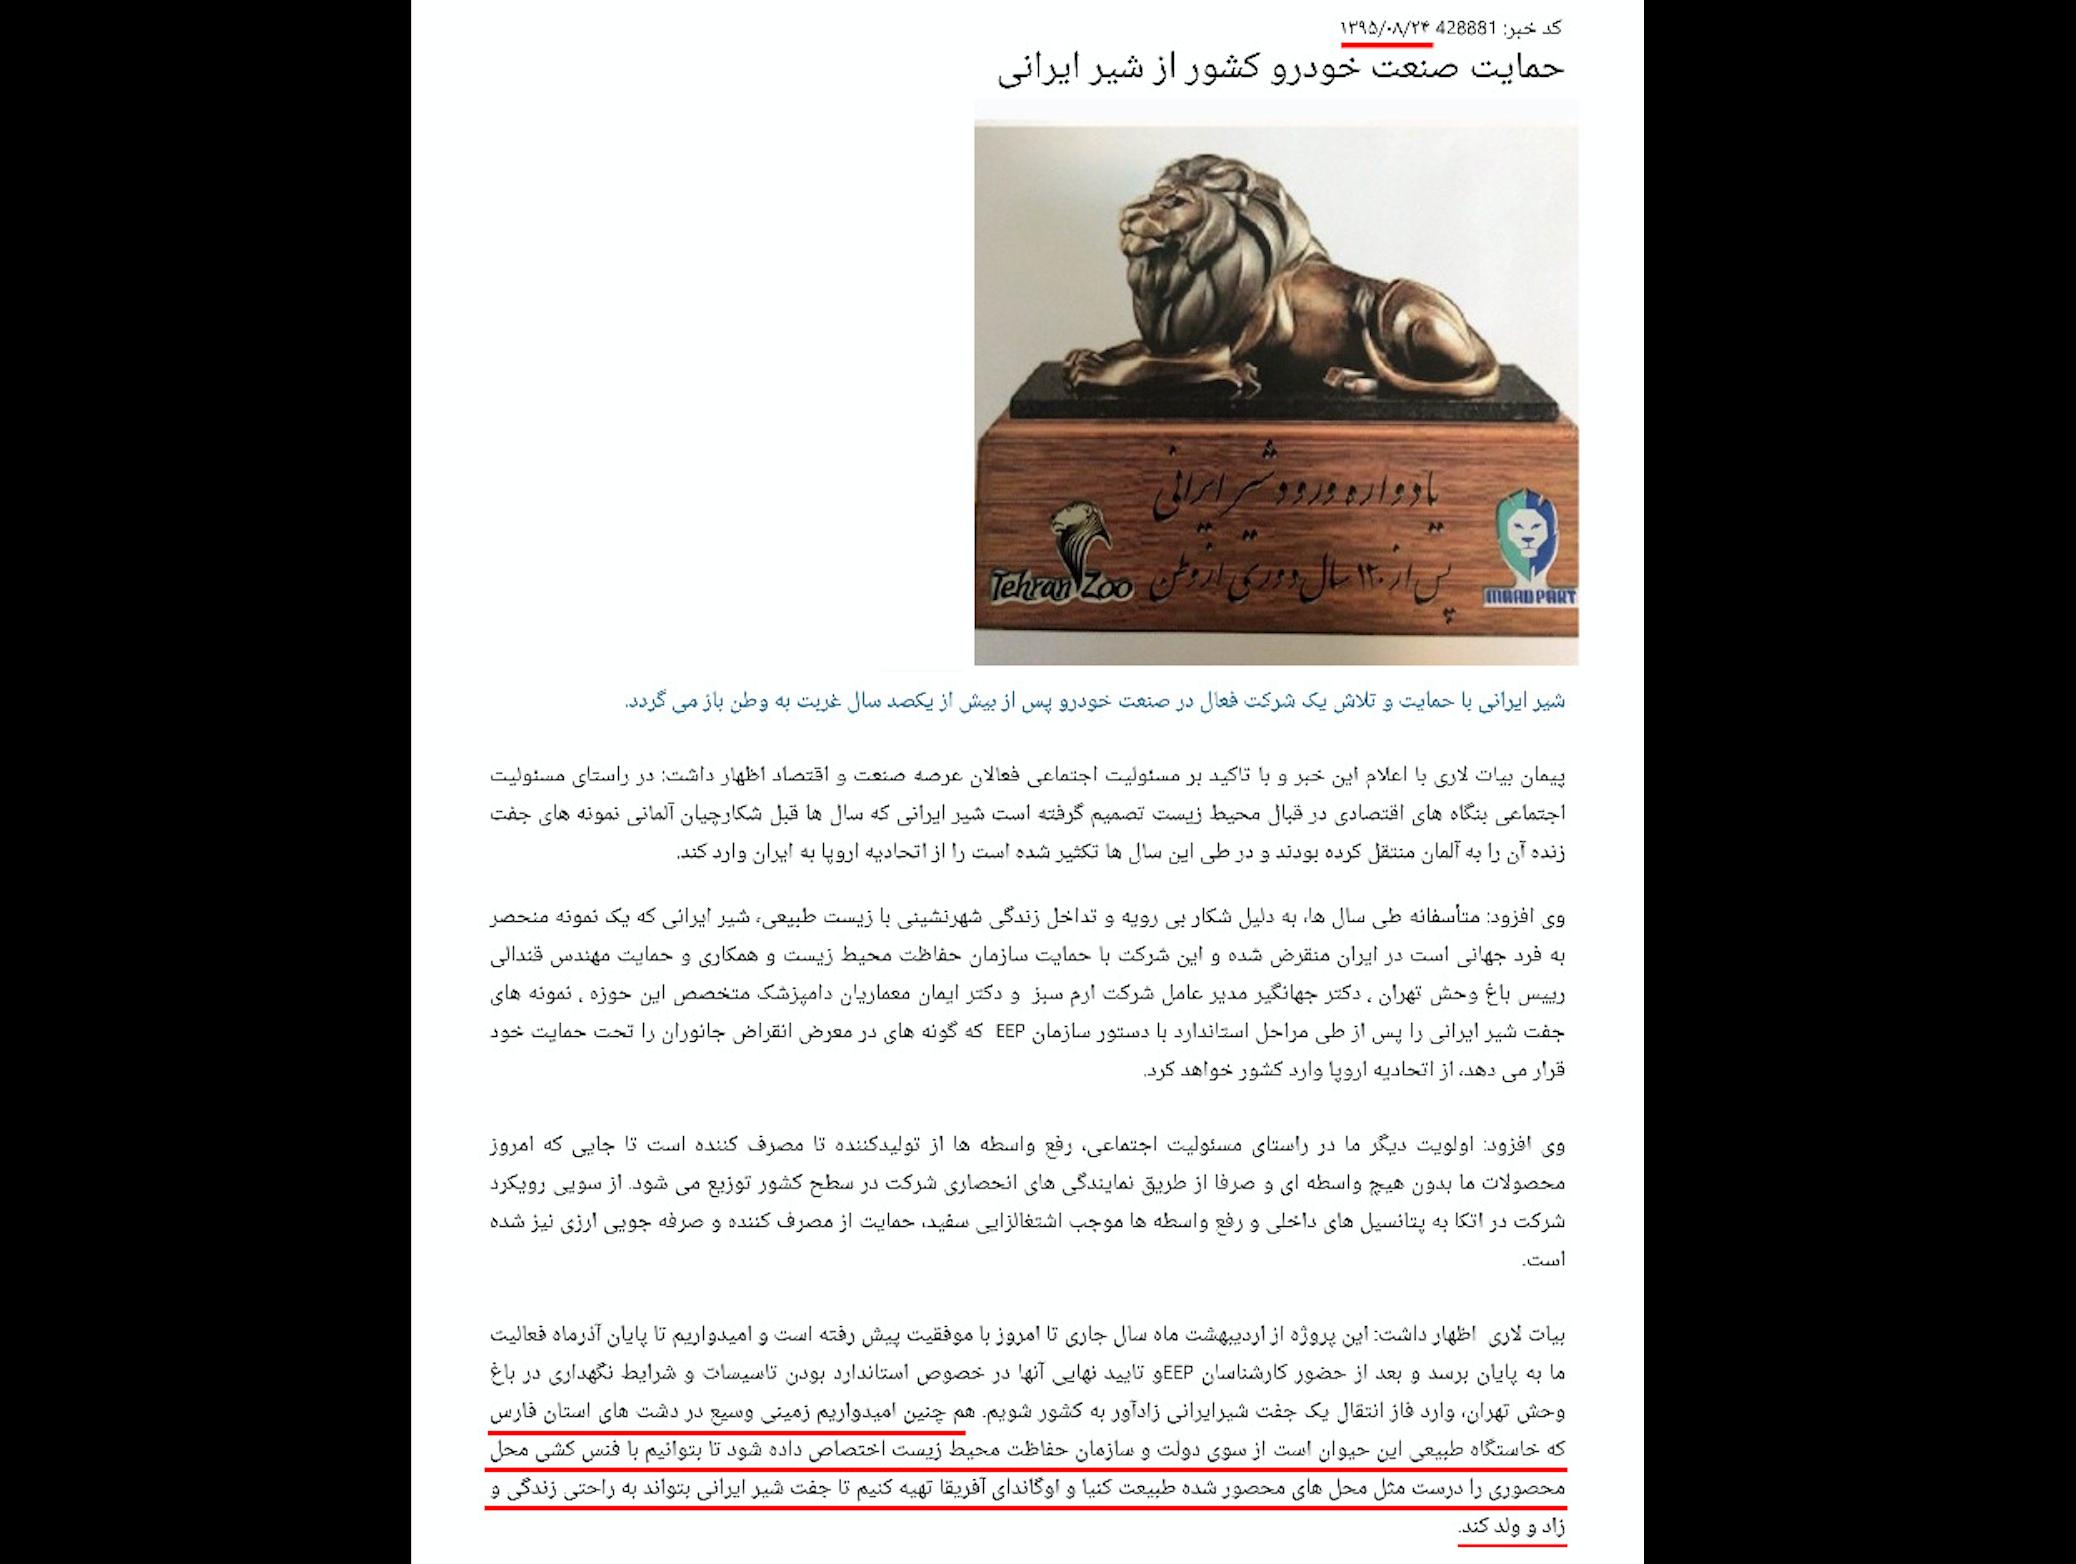 نقش آفرینی یک شرکت خودرویی در انتقال پر سر و صدای یک شیر از انگلیس به ایران!